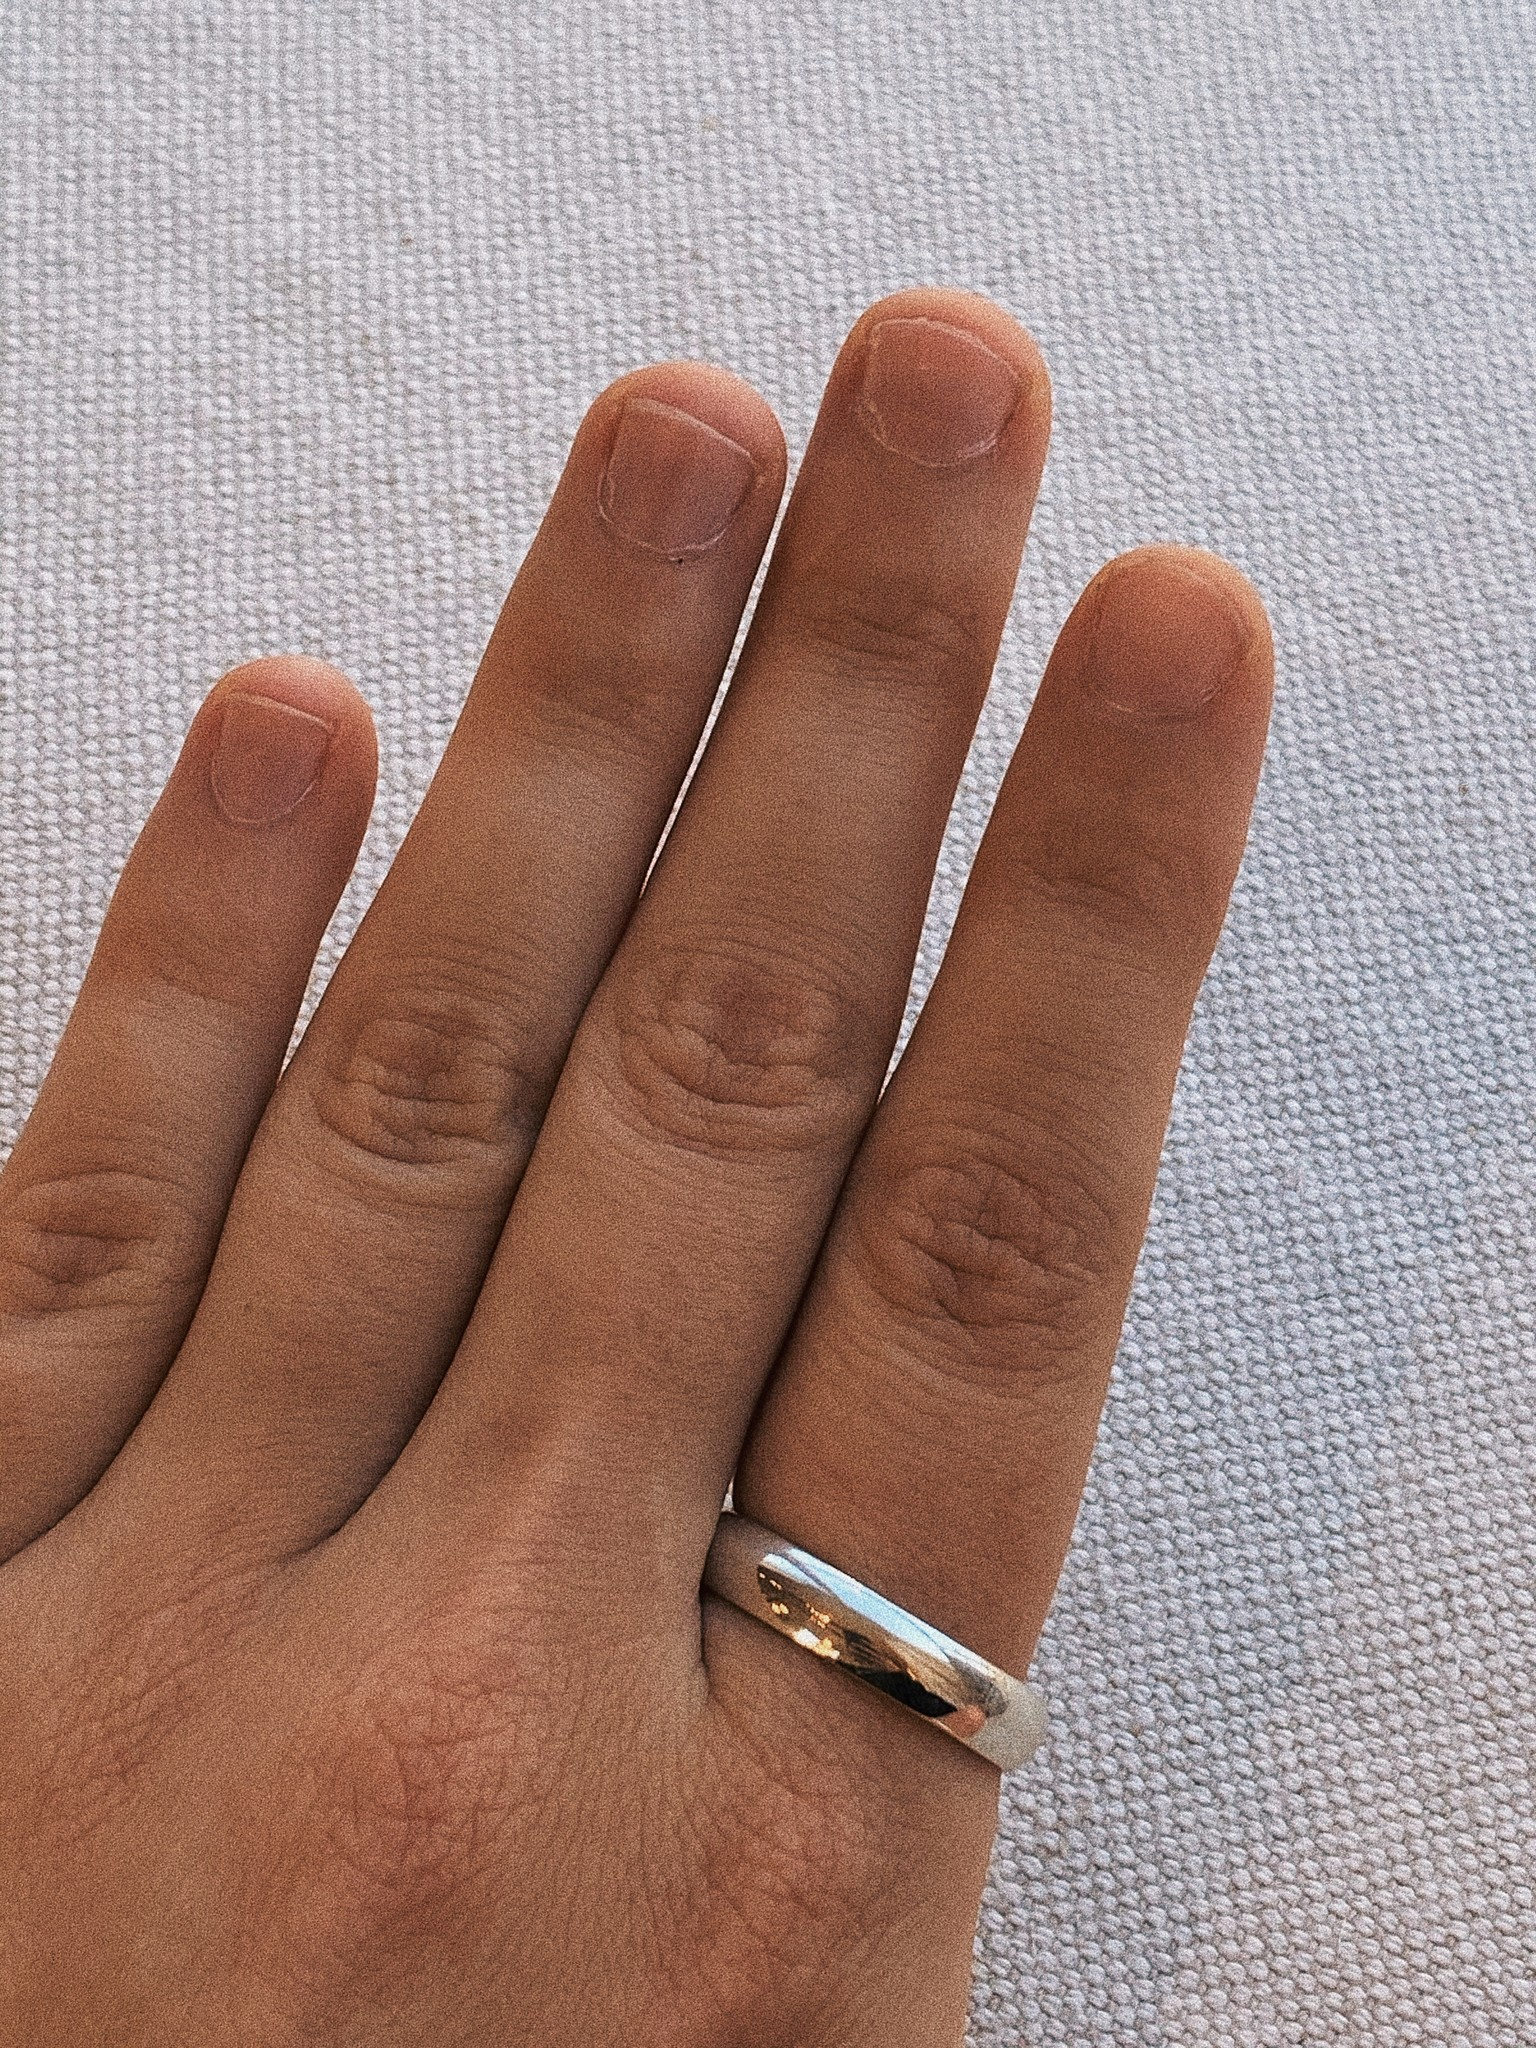 Ring 157-4